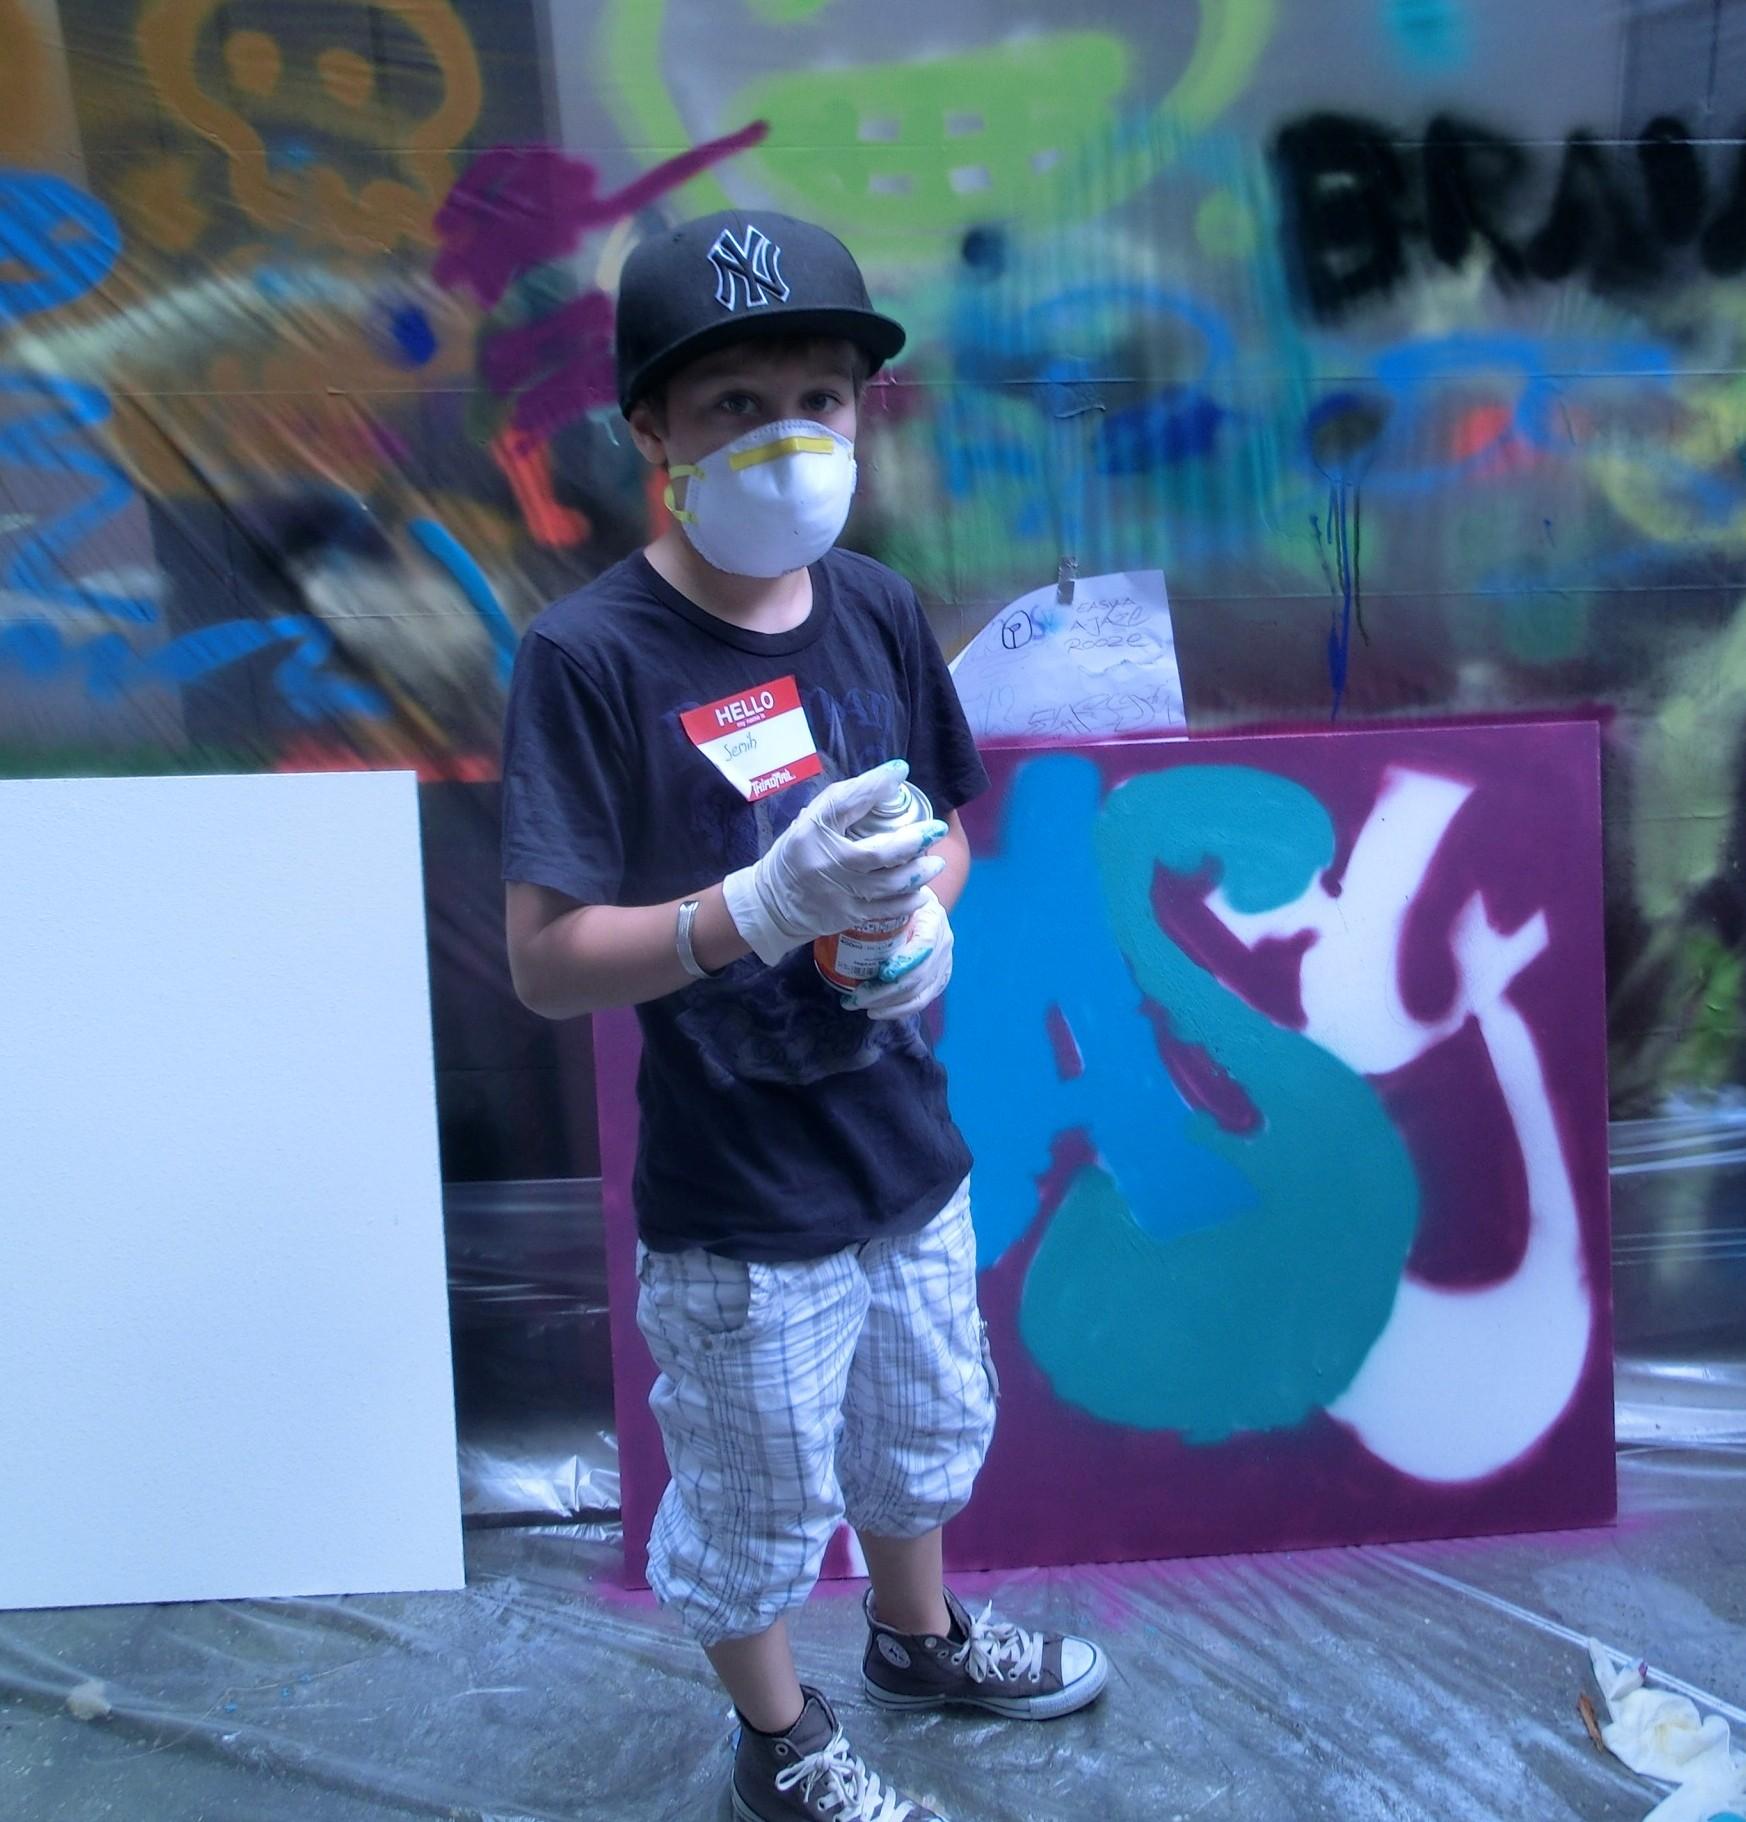 Das Sprayen von Graffiti kann bei einem mehrwöchigen Kurs im Jugendzentrum Hösel erlernt werden (Foto: Stadt Ratingen)